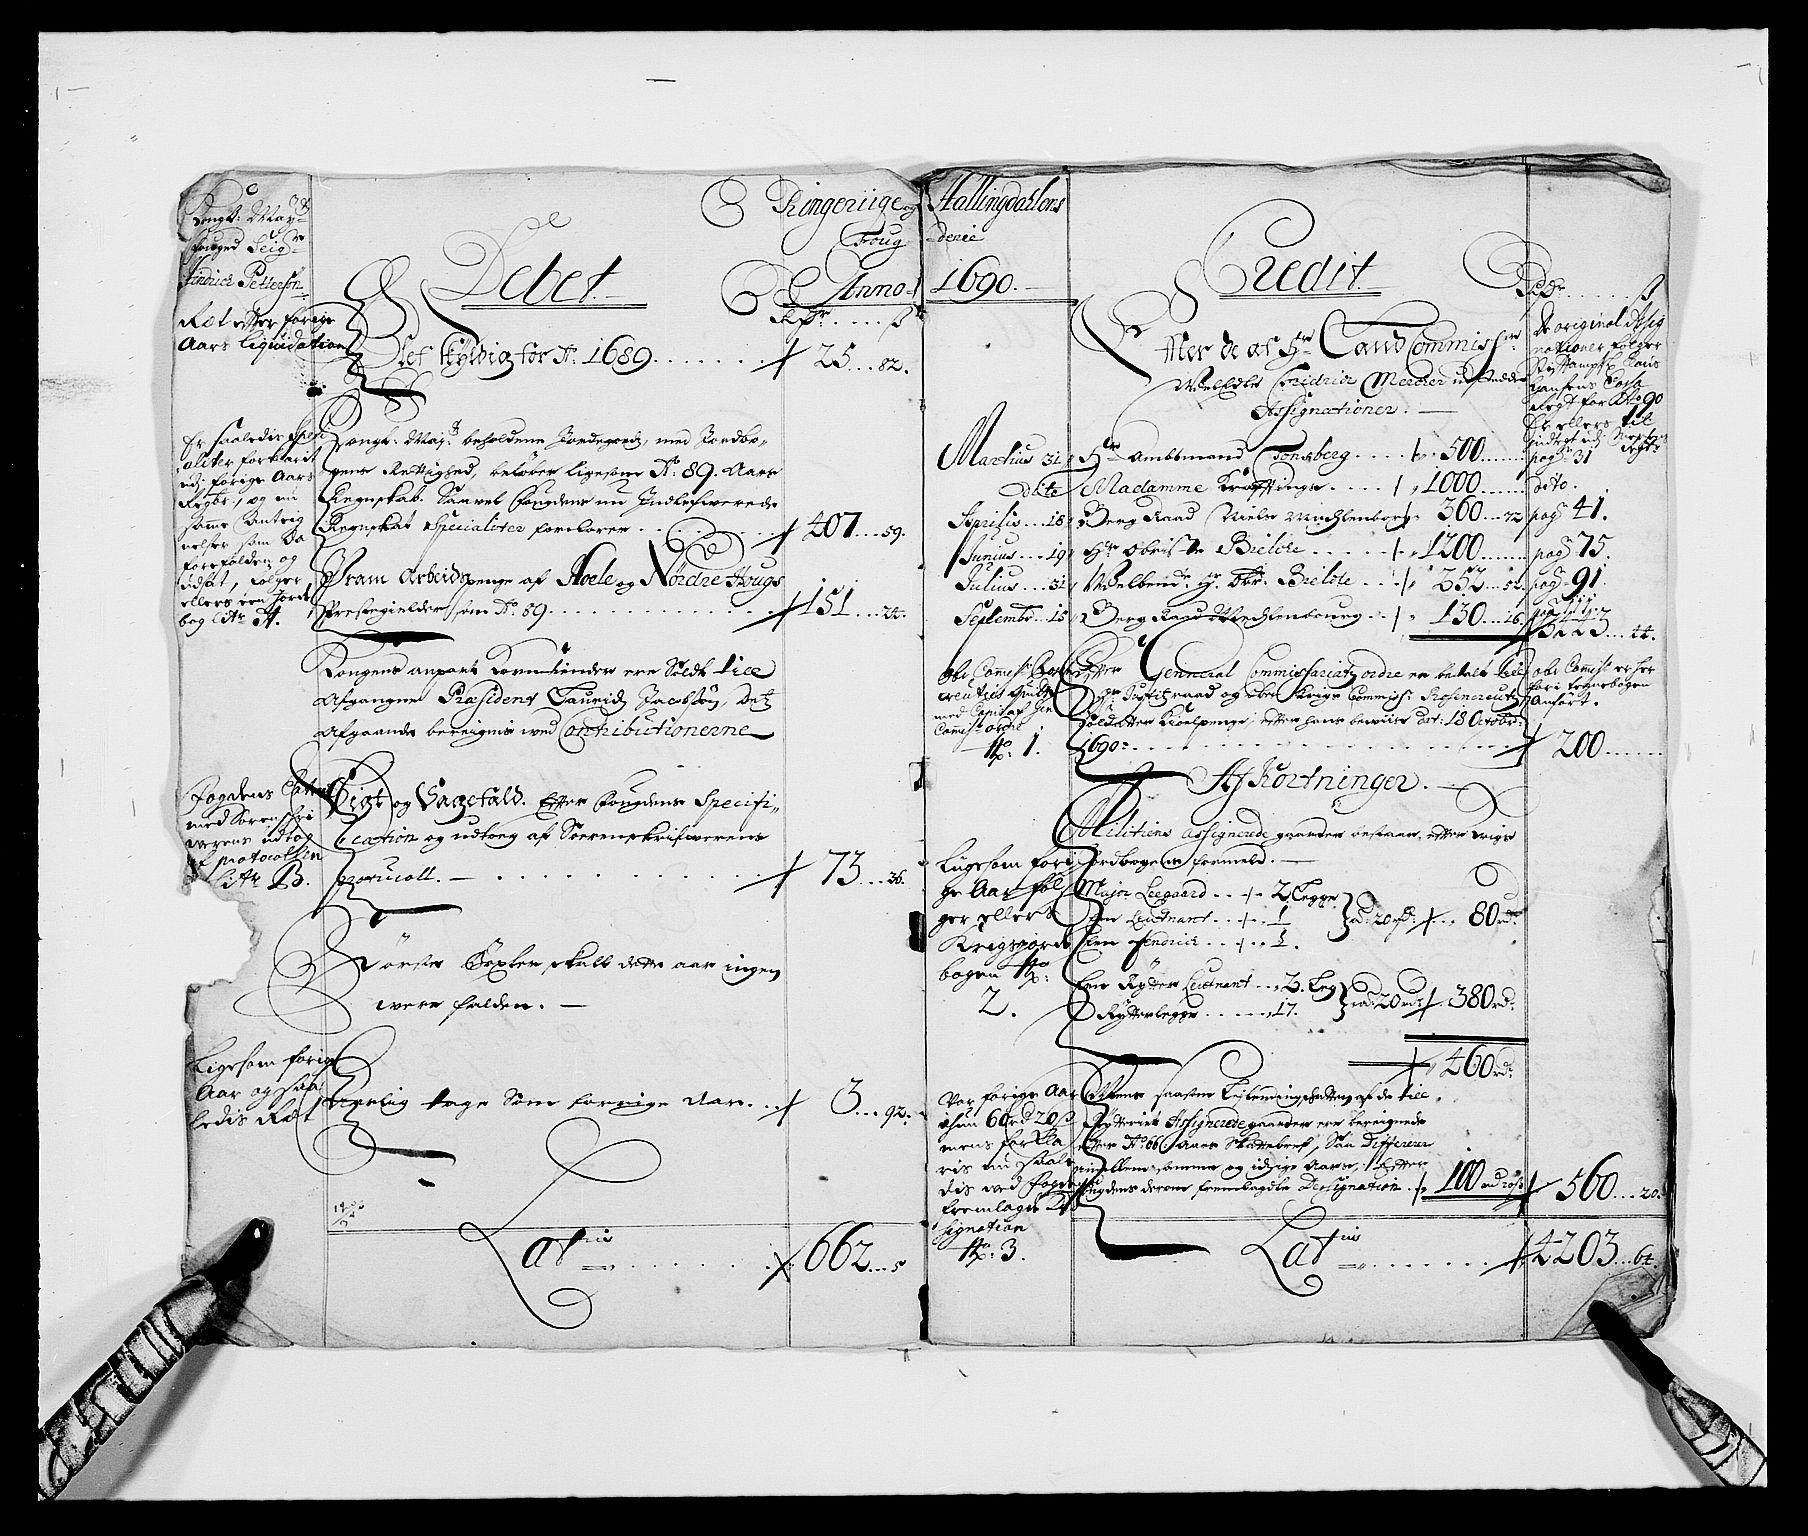 RA, Rentekammeret inntil 1814, Reviderte regnskaper, Fogderegnskap, R21/L1448: Fogderegnskap Ringerike og Hallingdal, 1690-1692, s. 2